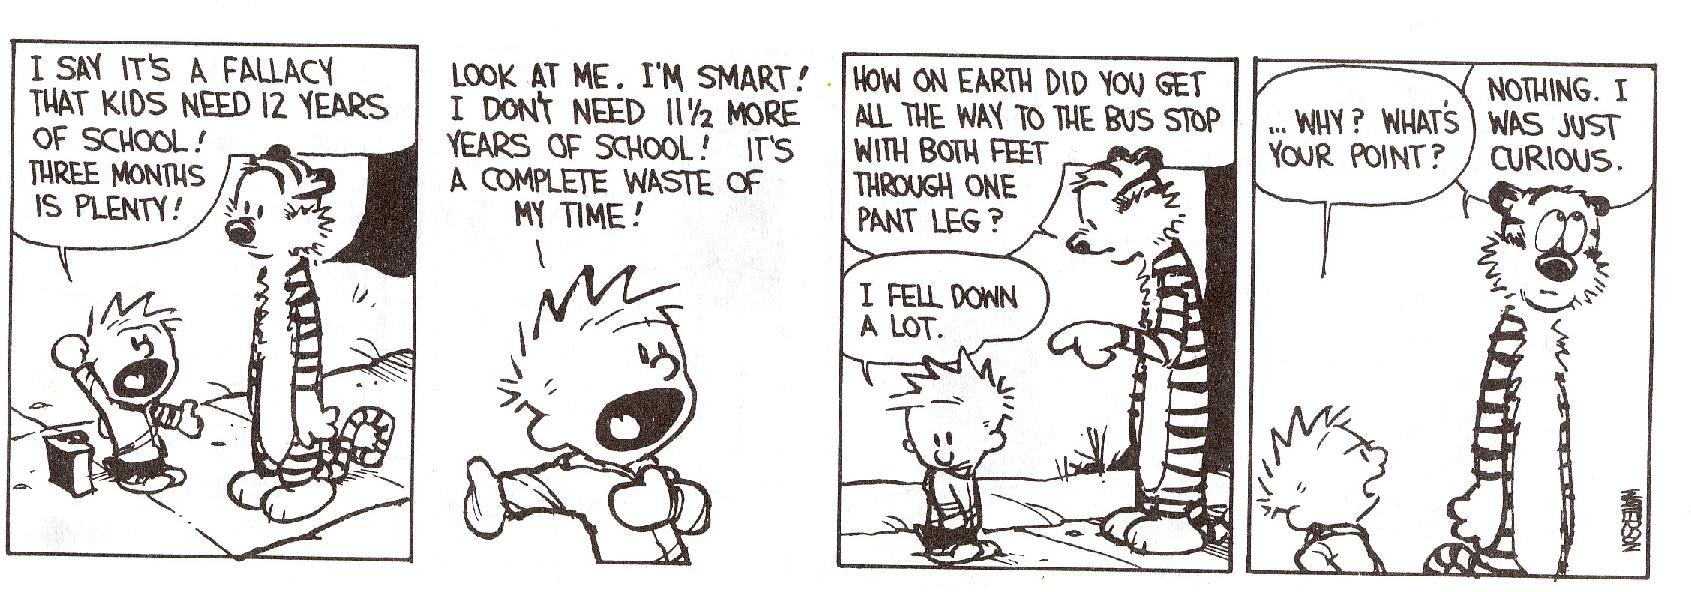 Calvin & Hobbes - School